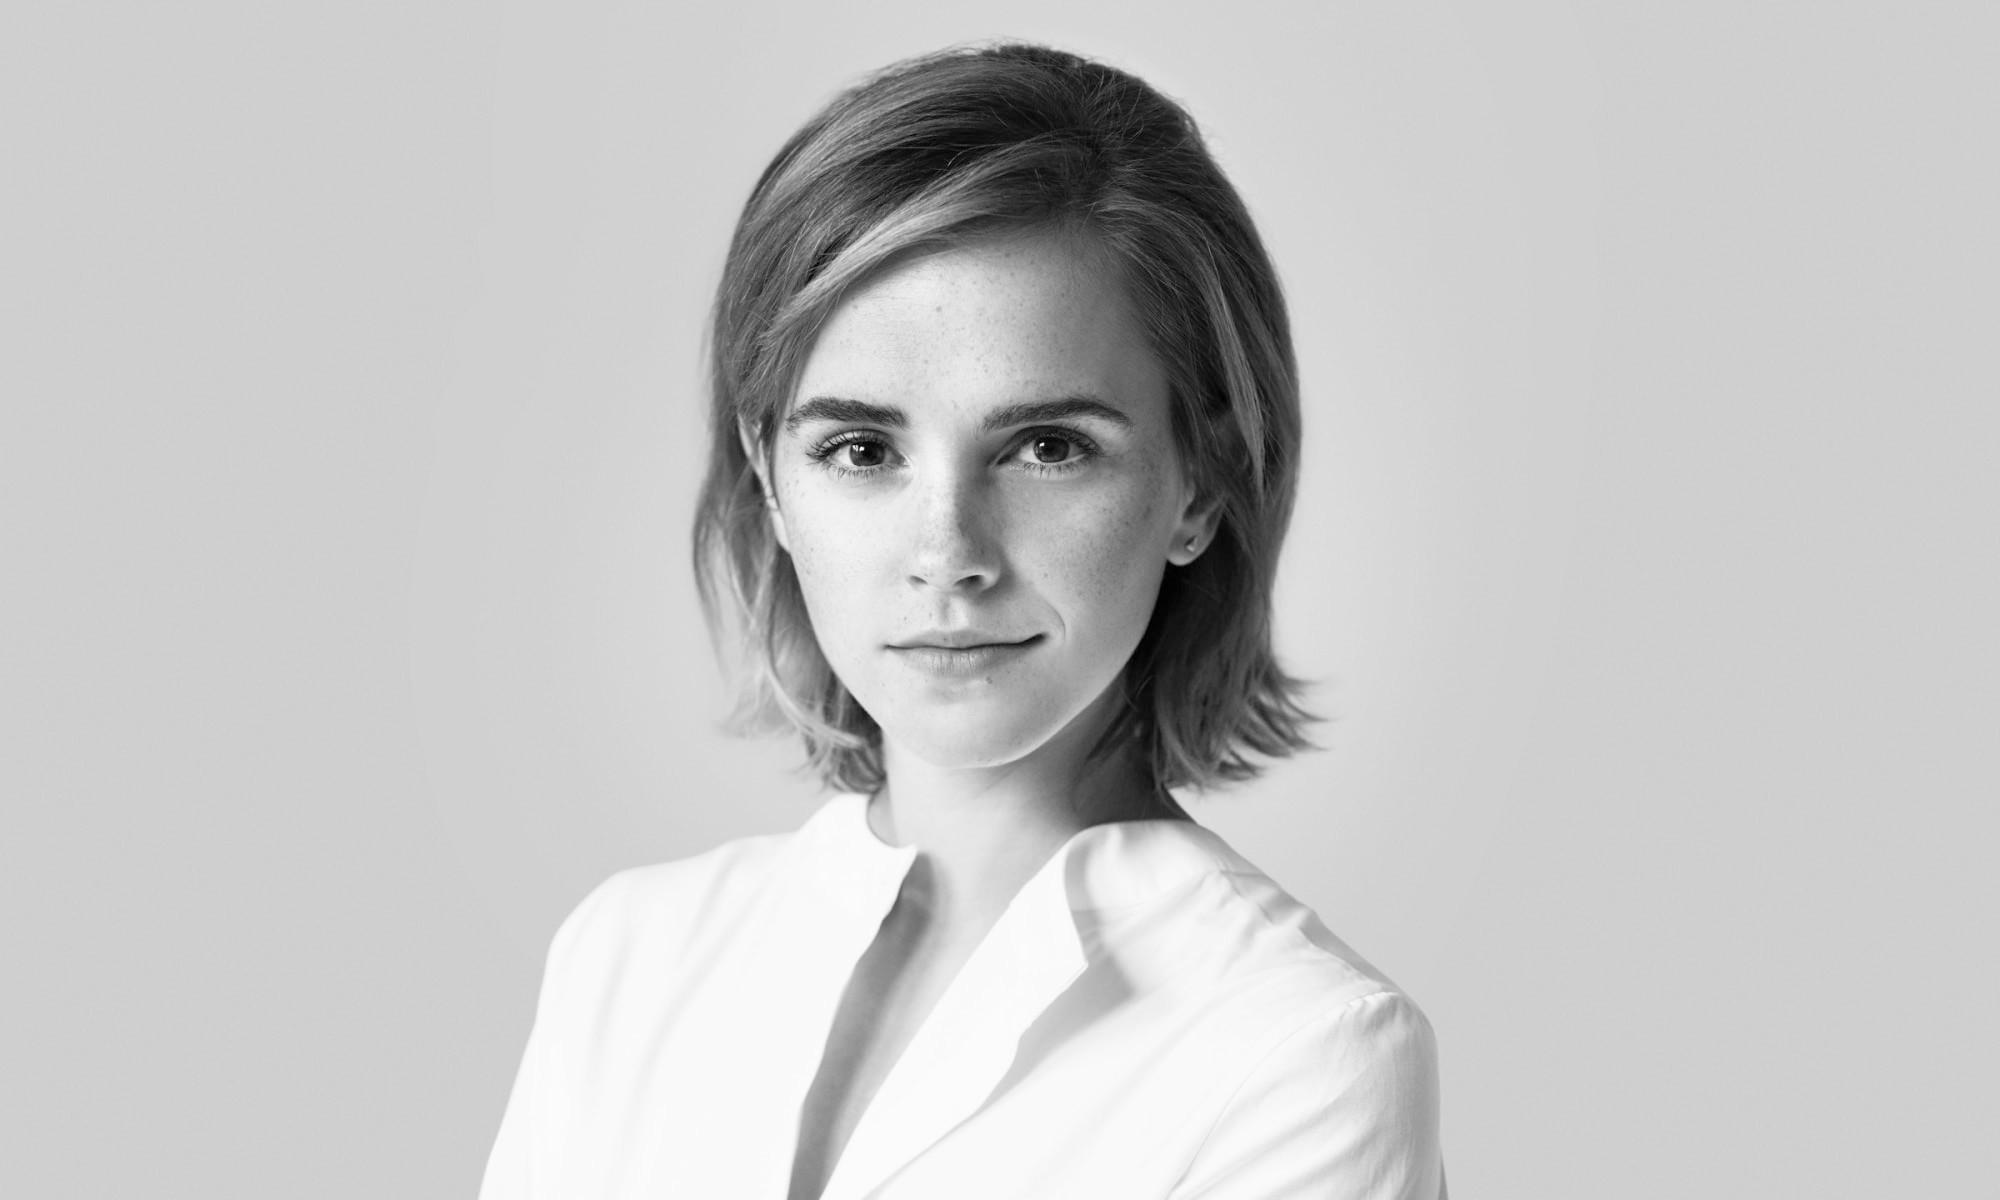 Emma Watson 加入 Kering 集团董事会,任可持续发展主席